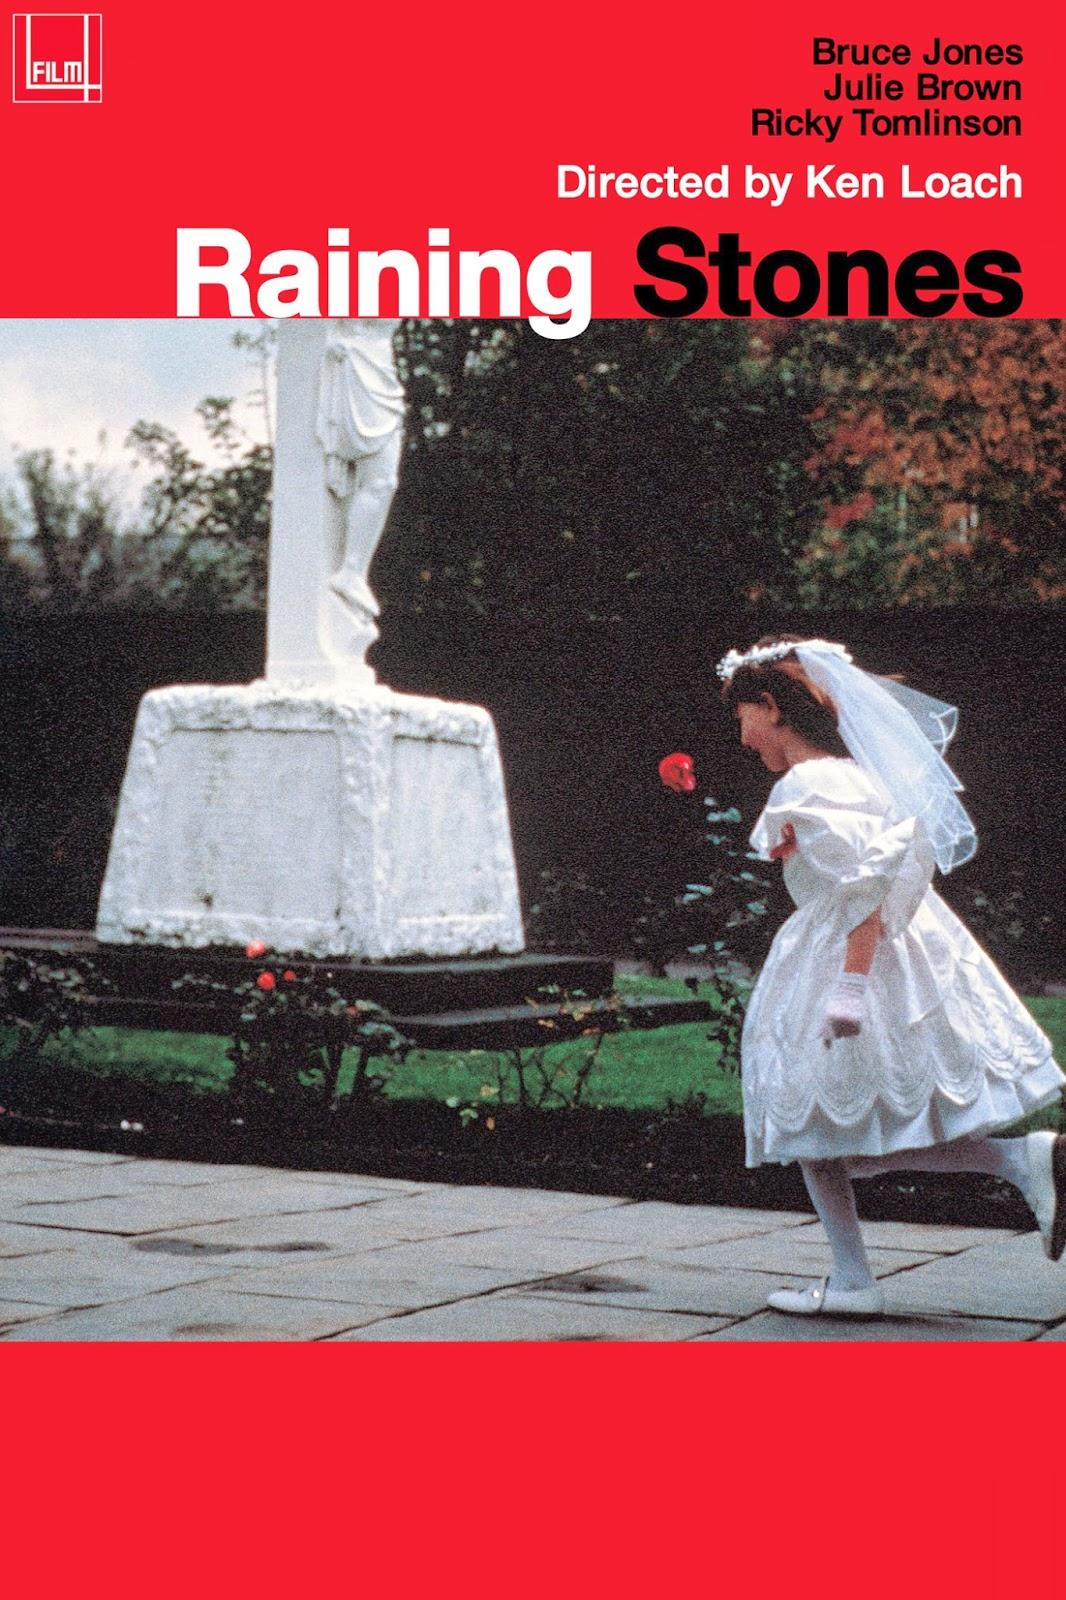 raining-stones-16878-film4-itunes